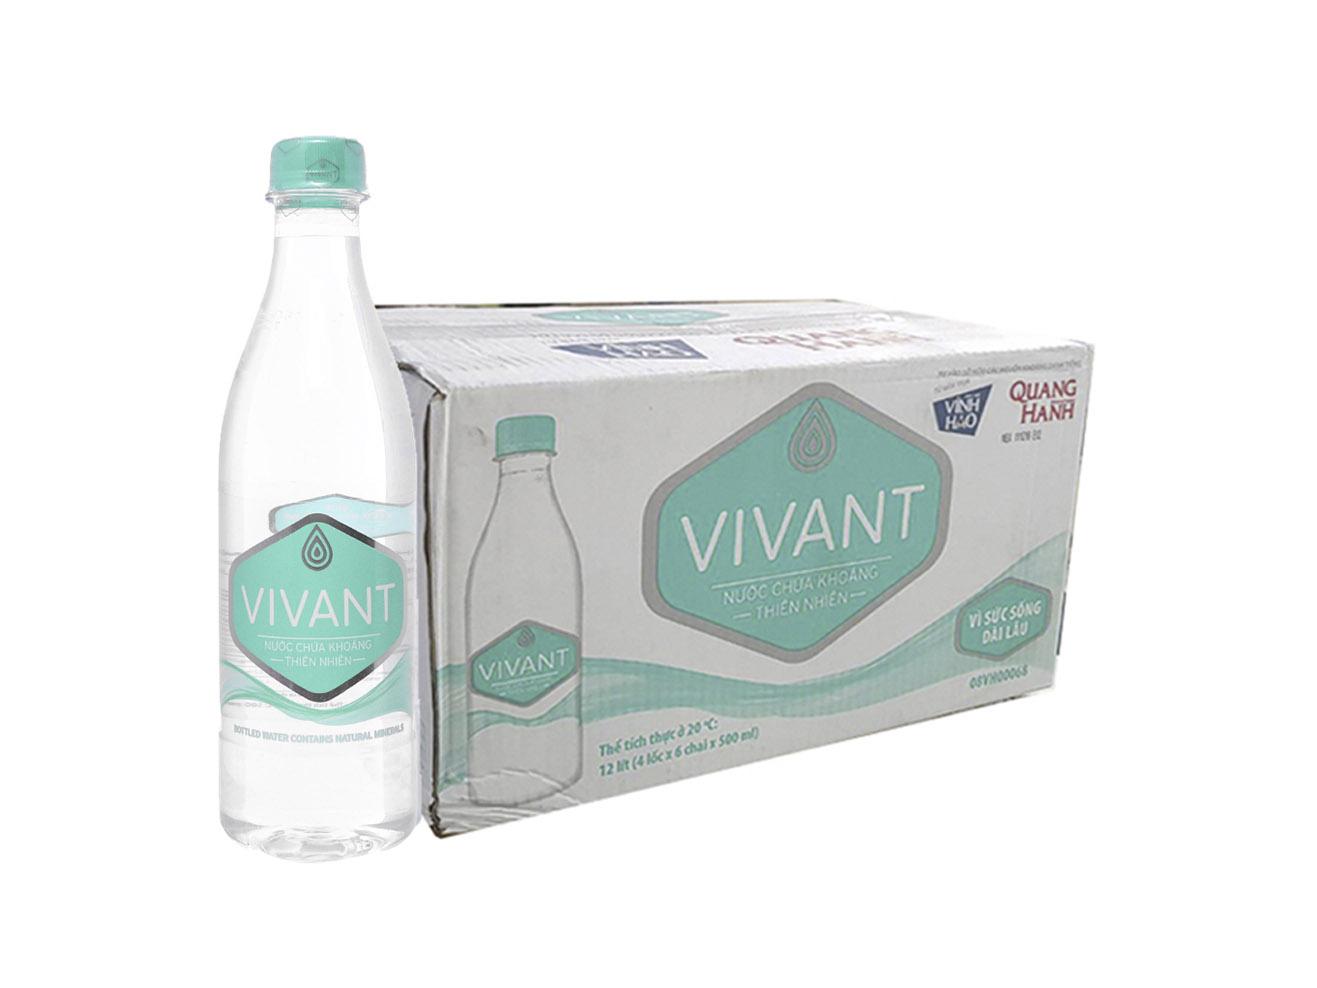 Nước suối vivant 500ml thùng 24 chai thiết kế sang trọng, hiện đại